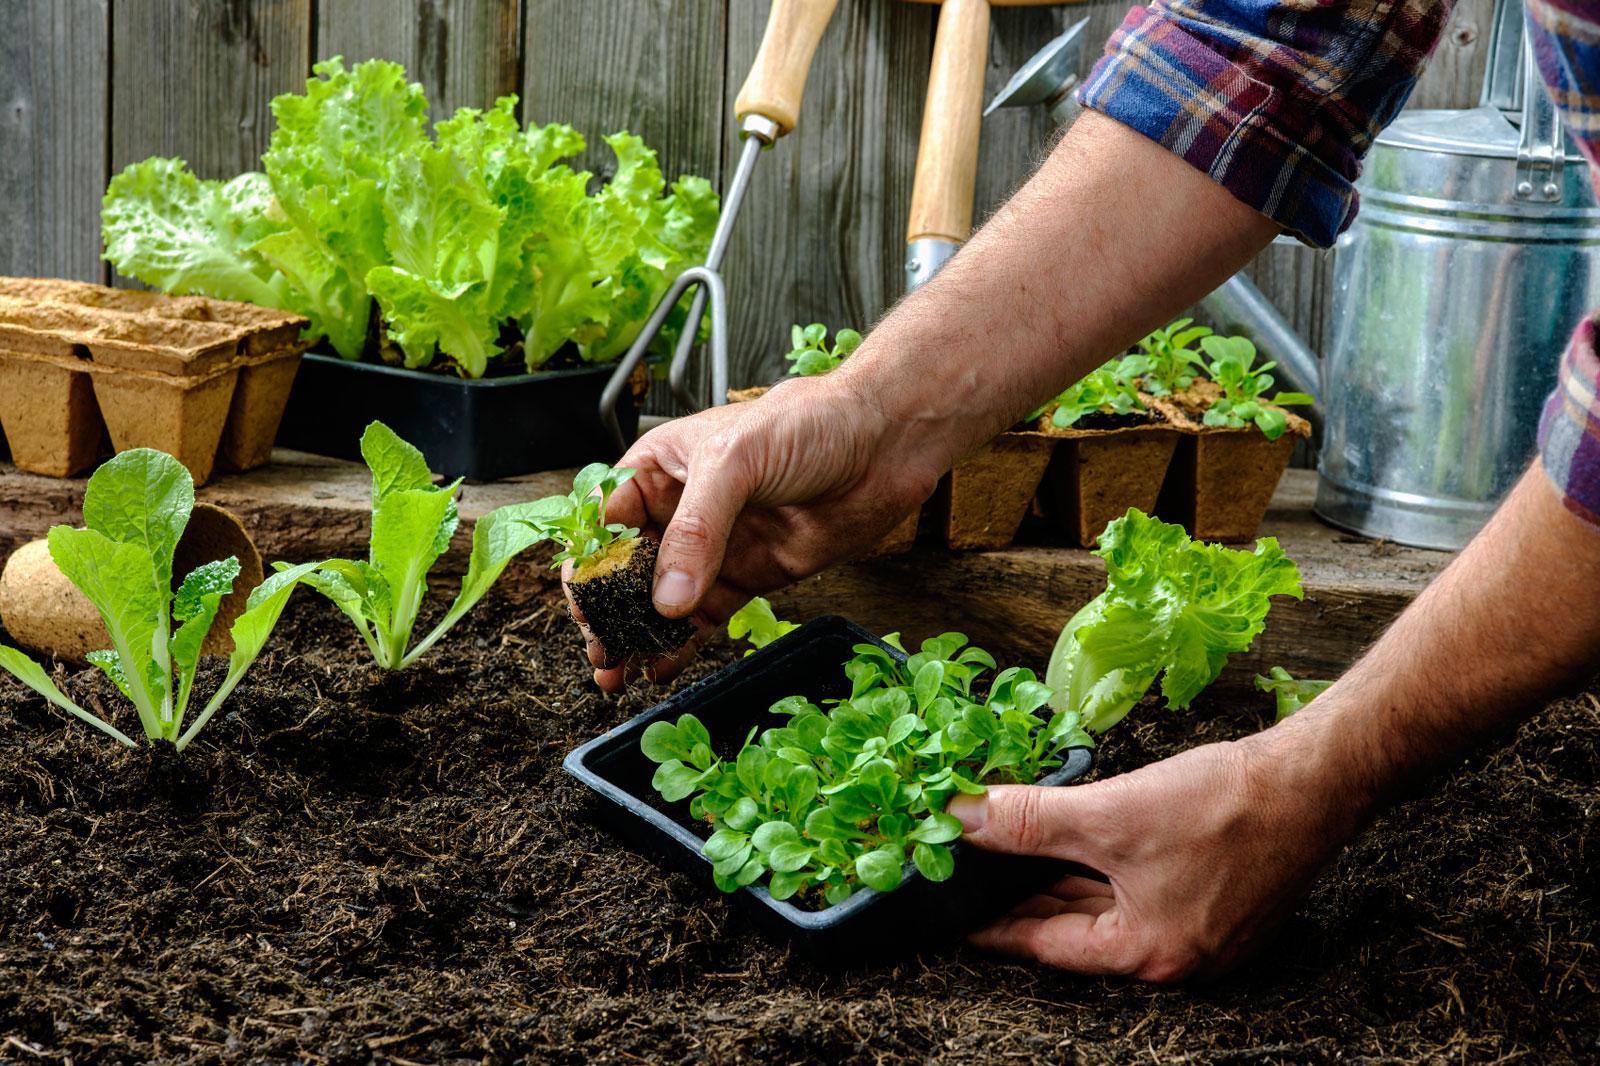 Кресс-салат: выращивание из семян в открытом грунте и рассады в домашних условиях, фото